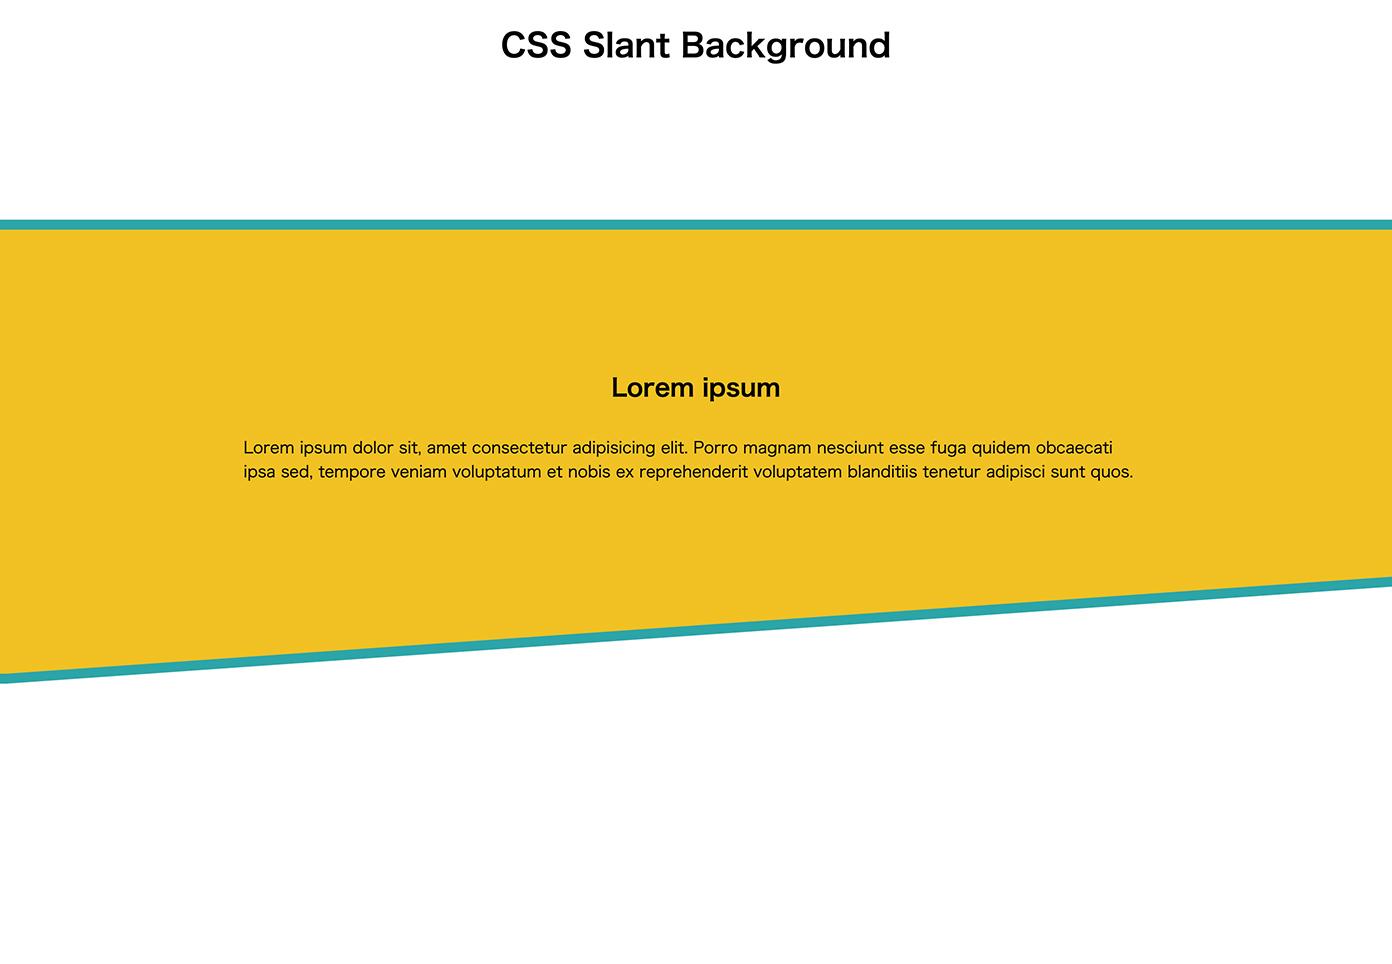 clip-path:polygonを使って斜めにした背景をアレンジして色の違う斜め背景を重ねた状態